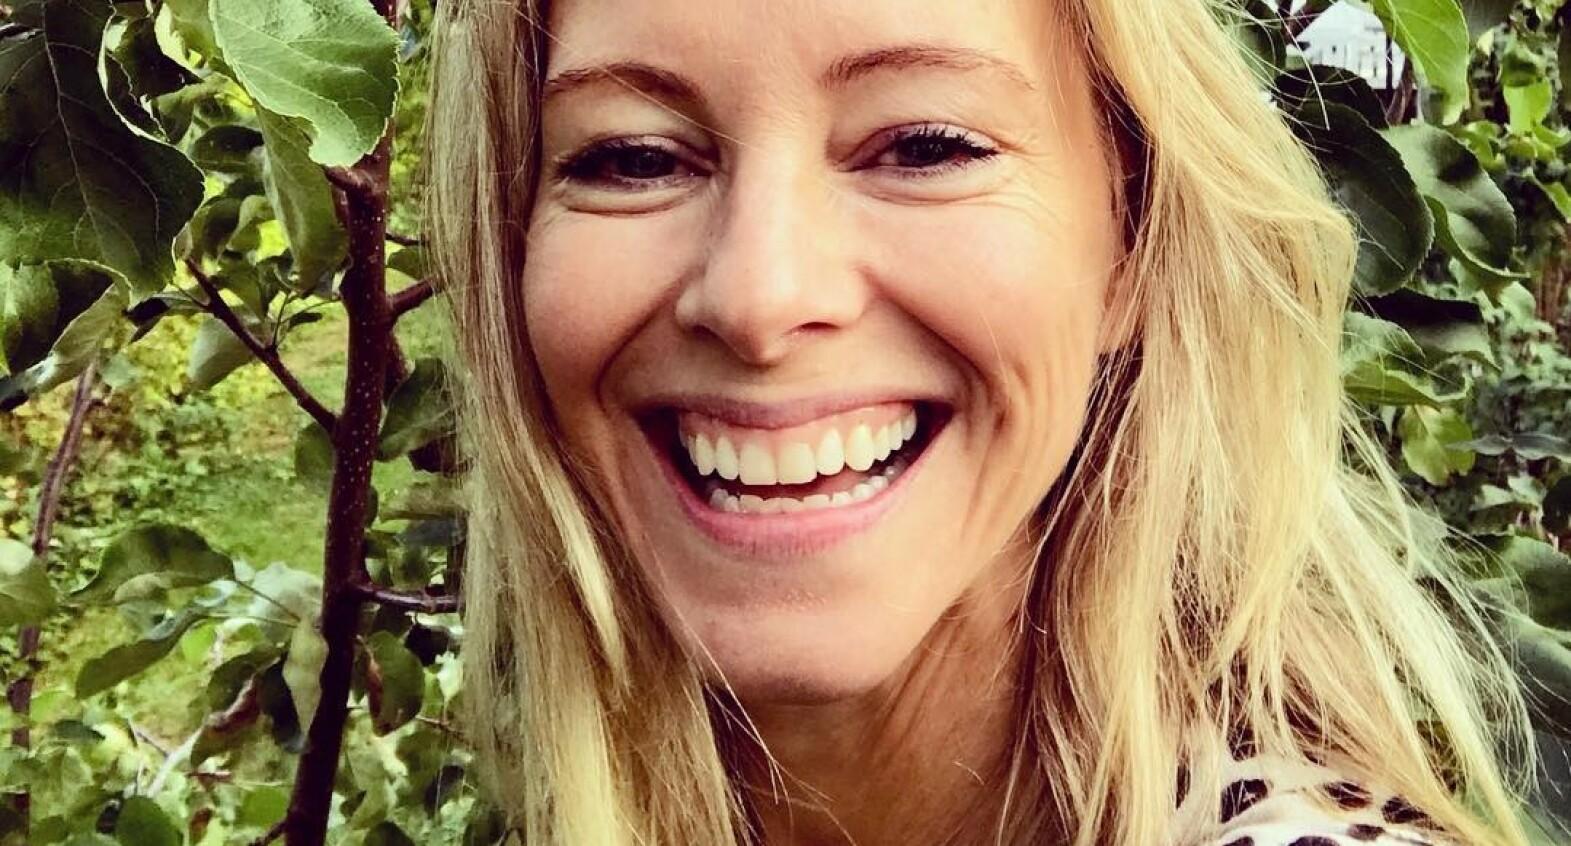 NETTKURS: Laila Madsös reise mot et fullstendig plantebasert kosthold, utviklet seg gradvis. Nå tilbyr hun online-kurs for deg som vil gå samme vei eller eventuelt «bare» kutte ned på kjøtt og animalske produkter i hverdagen. FOTO: Privat